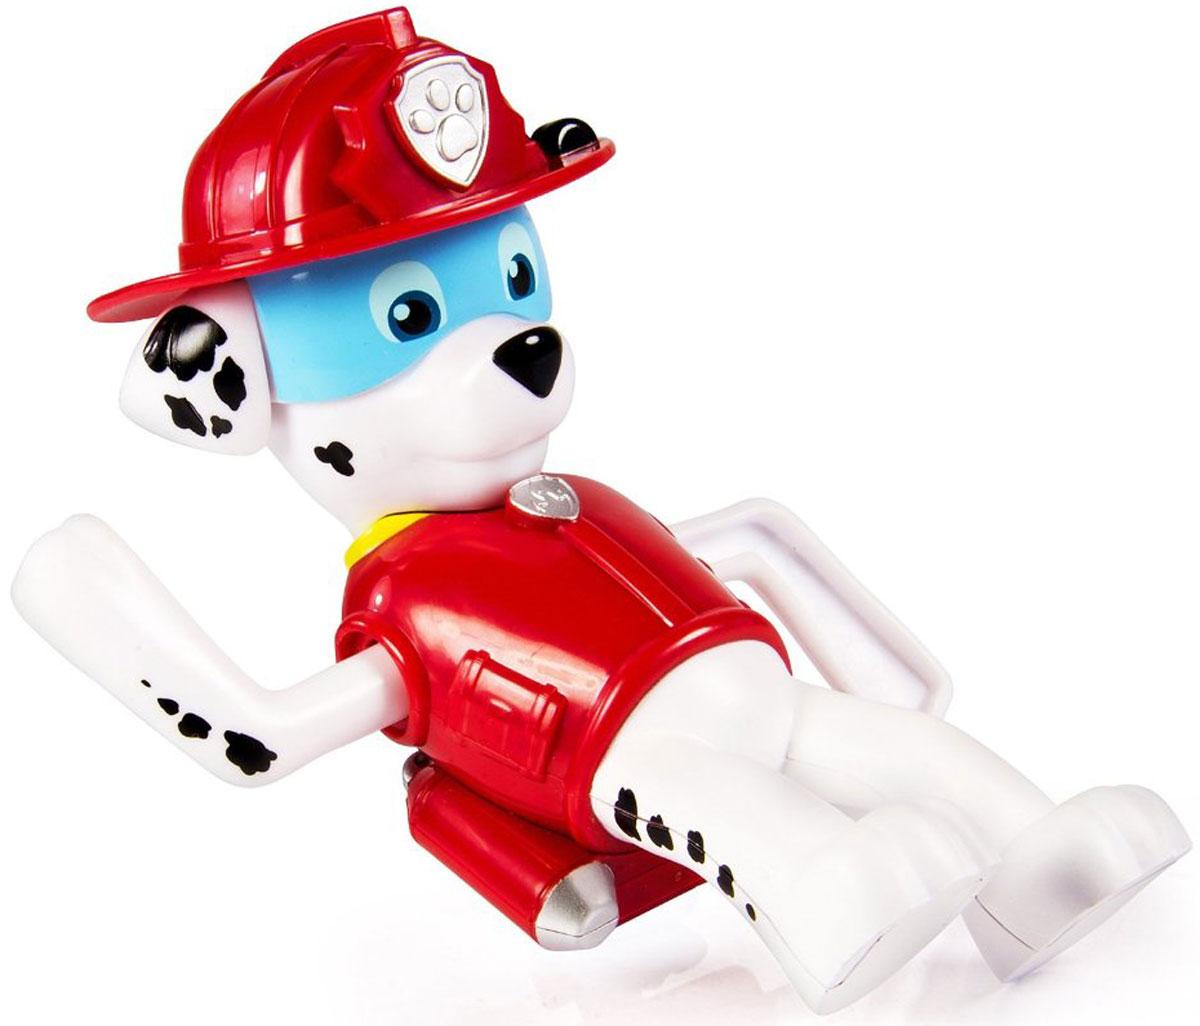 Paw Patrol Игрушка для ванной заводная Marshall16631_МаршаллИгрушка для ванной Paw Patrol Marshall понравится вашему ребенку и развлечет его во время купания. Она выполнена из безопасного материала в виде героя мультсериала Щенячий патруль. На спине игрушки находится ключик, с помощью которого можно завести механизм игрушки. Опустите игрушку в воду, и она будет плыть, забавно гребя передними лапками. Игрушка для ванной способствует развитию воображения, цветового восприятия, тактильных ощущений и мелкой моторики рук.